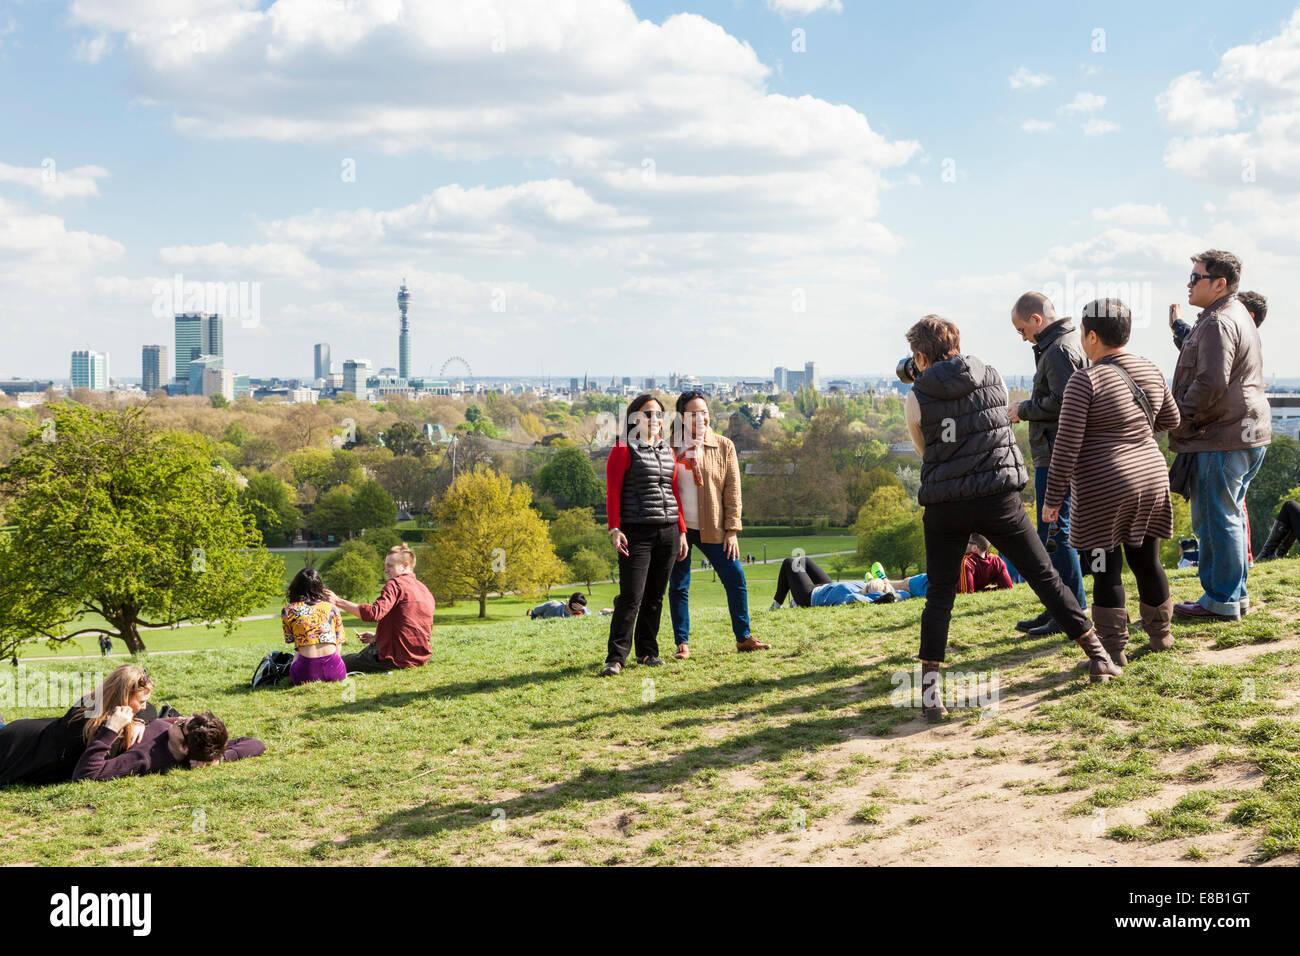 Photographier les gens amis sur Primrose Hill avec l'horizon de la ville de Londres dans la distance, England, Photo Stock